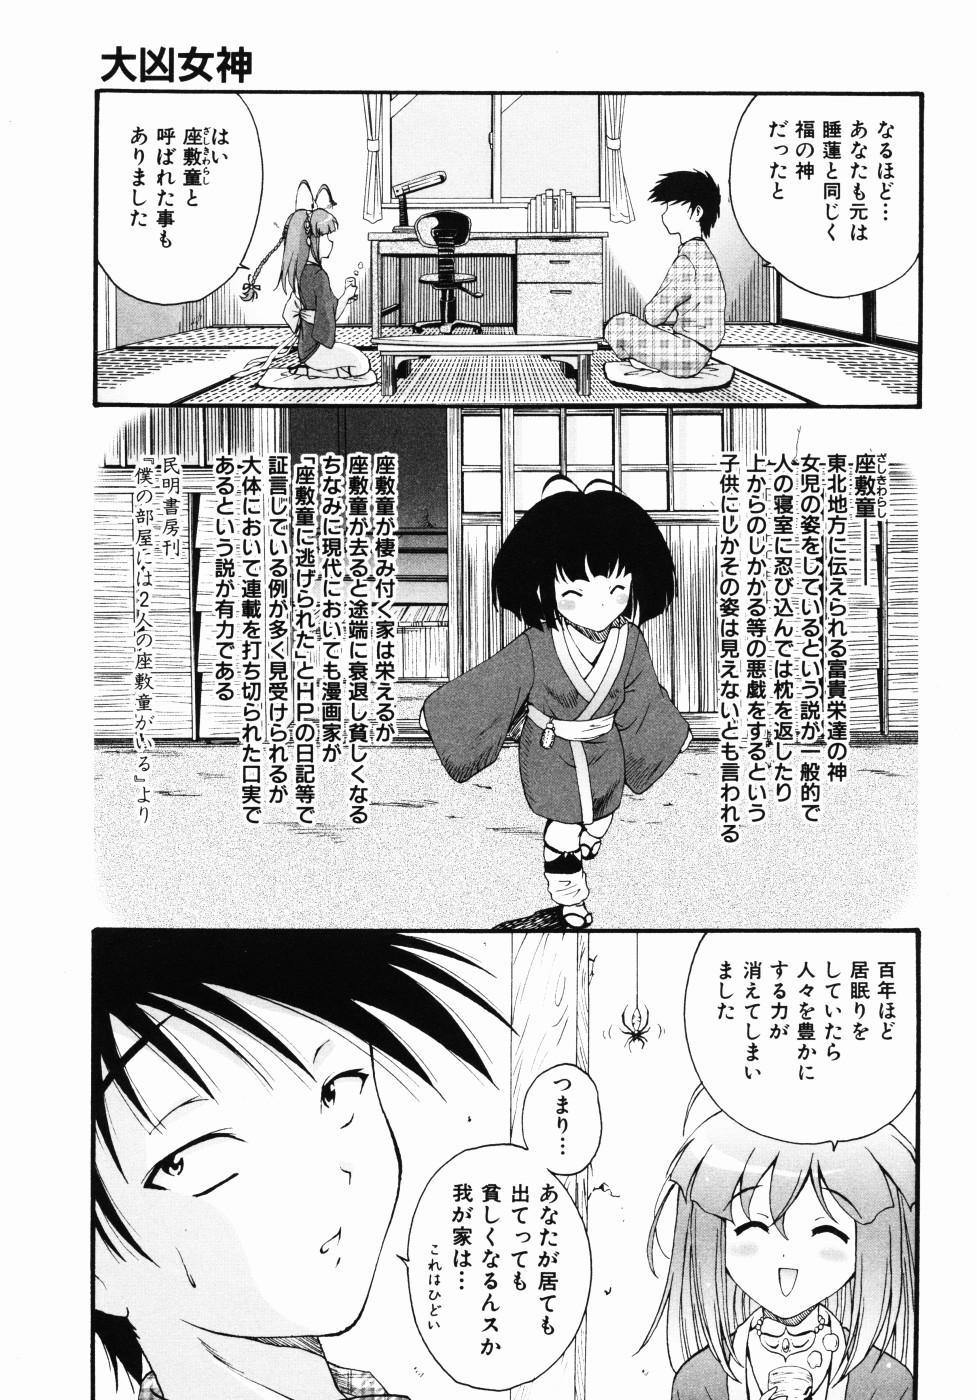 Daikyou Megami 81